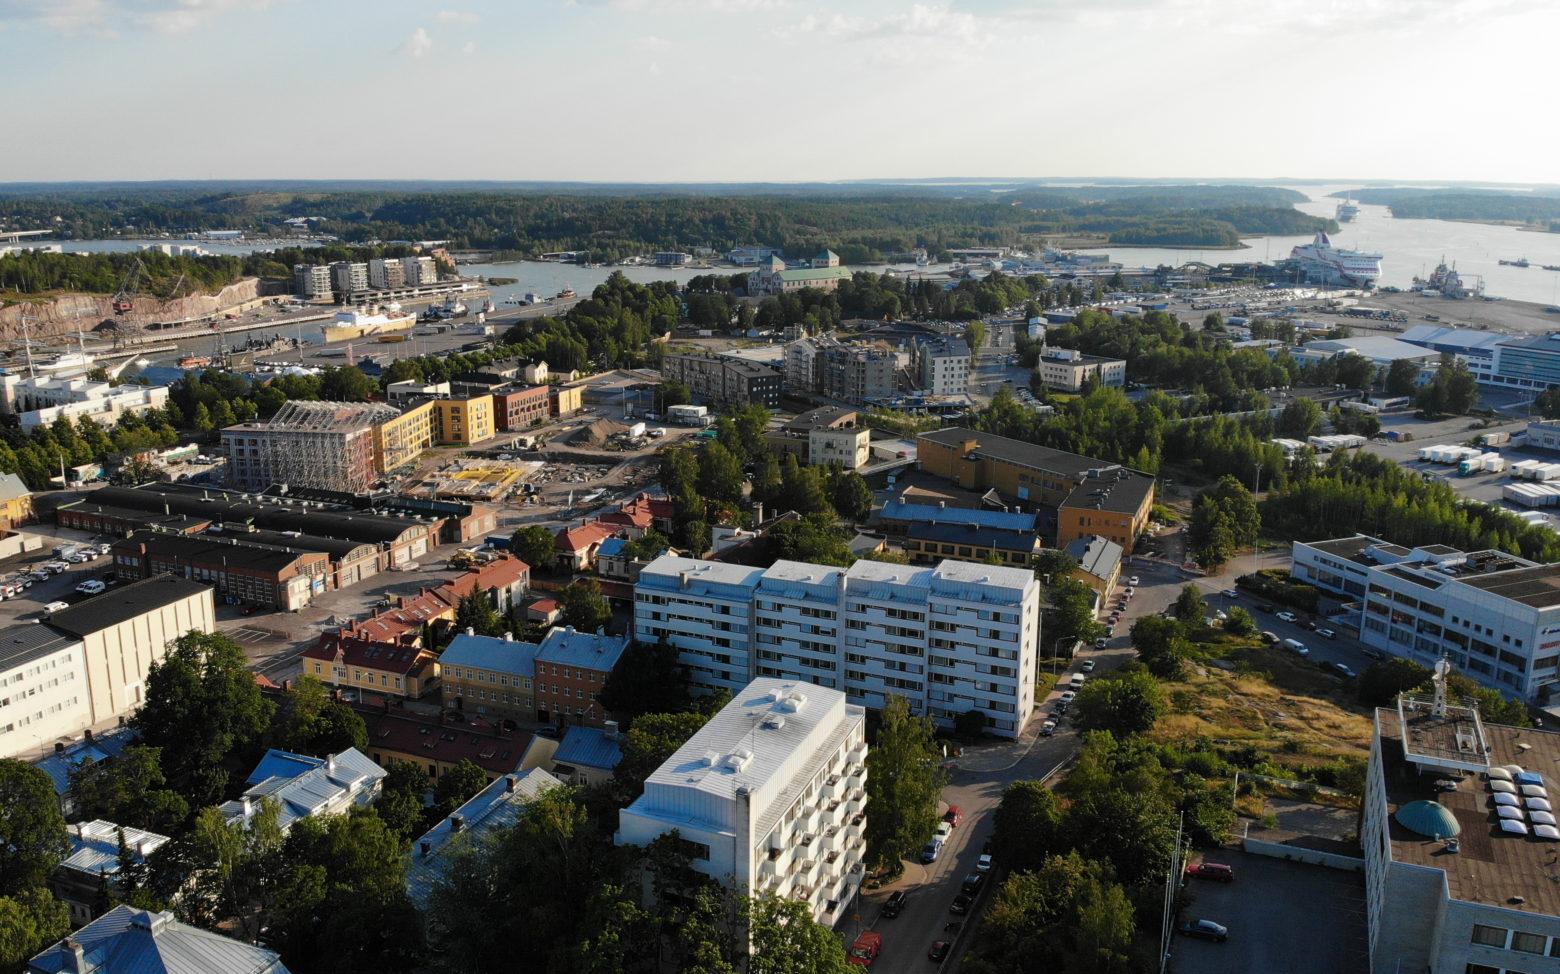 Satama Turku